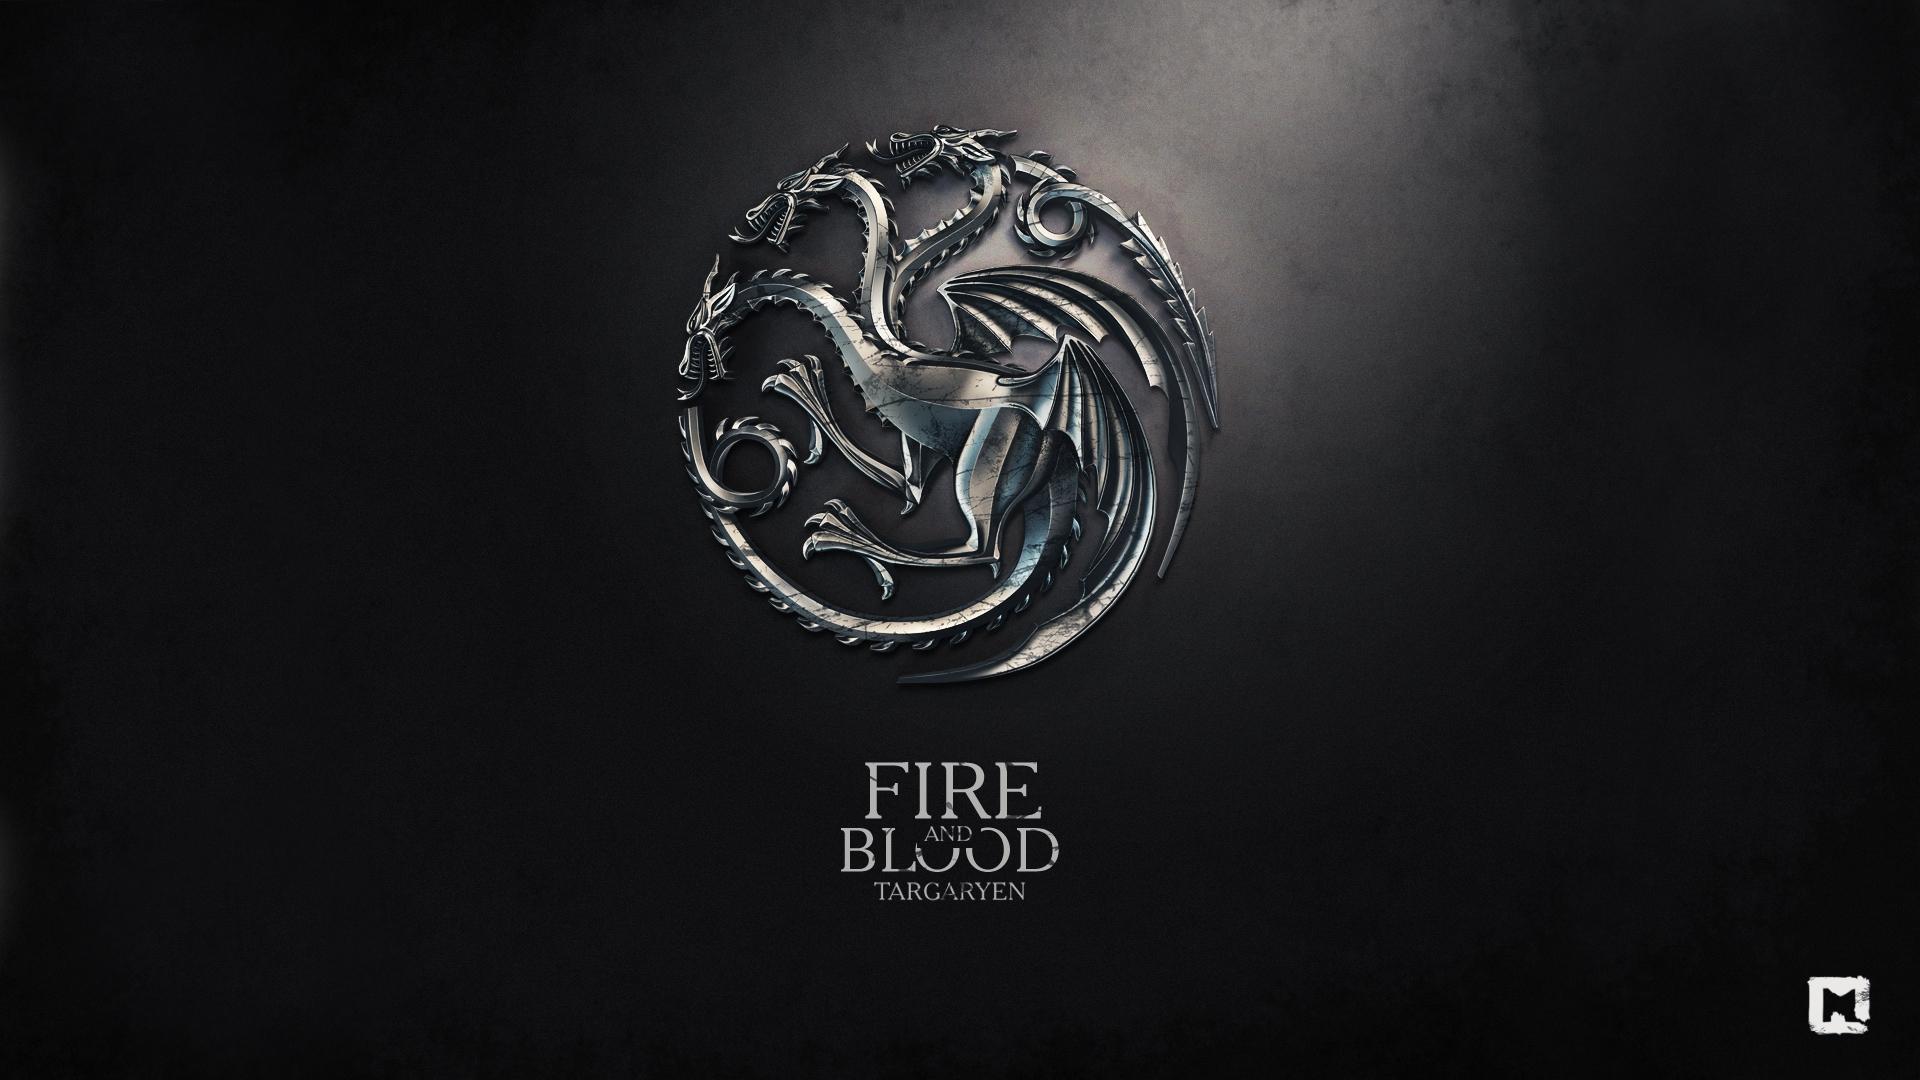 Get House Targaryen Sigil Game of Thrones Wallpaper 1920x1080 1920x1080